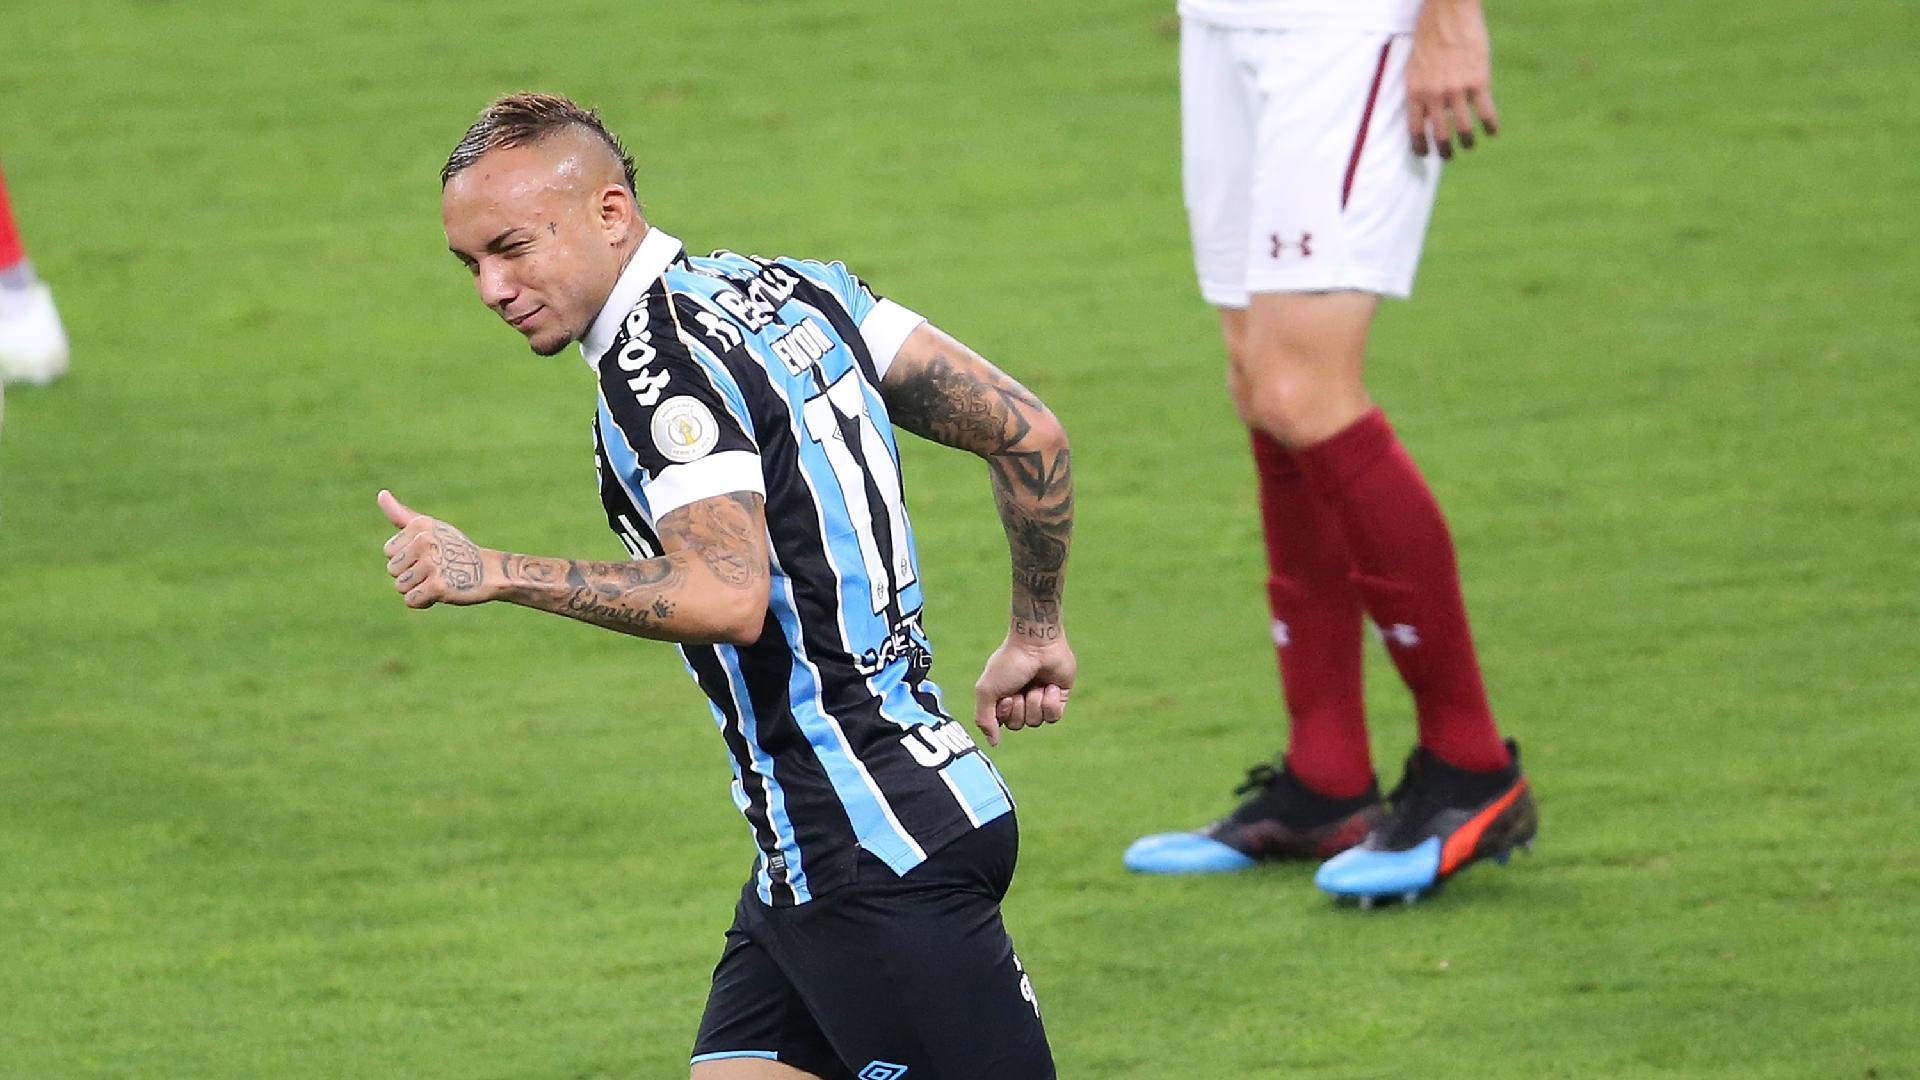 Everton comemoram gol do Grêmio contra o Fluminense